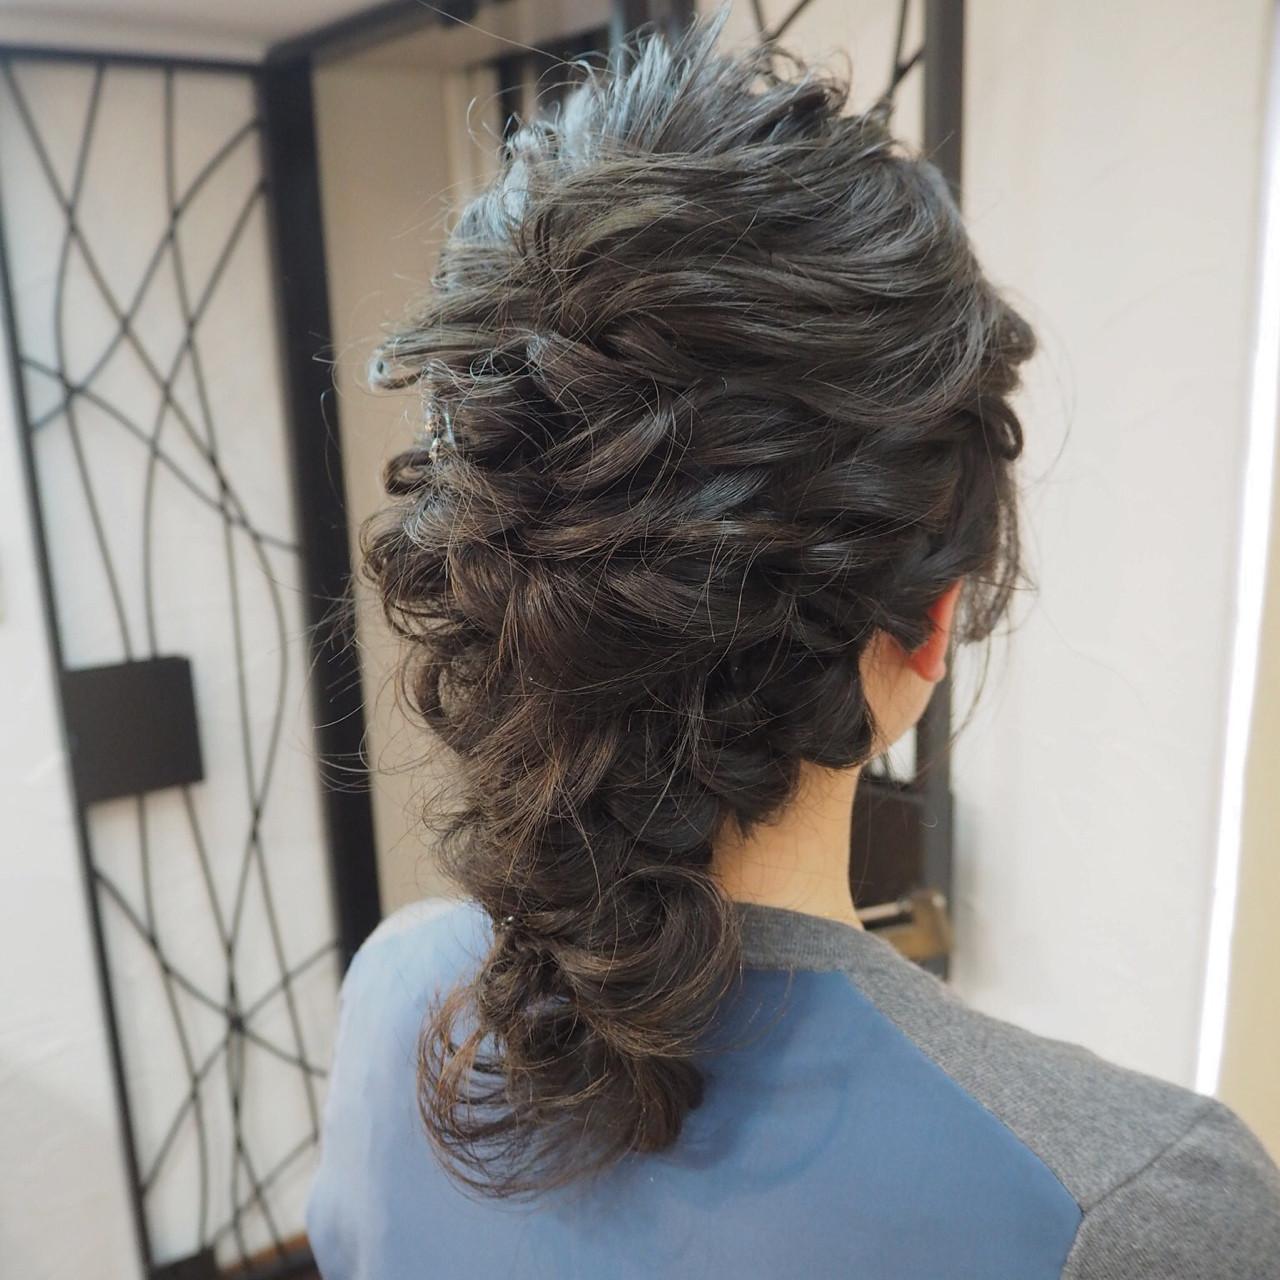 結婚式 オフィス ミディアム ナチュラル ヘアスタイルや髪型の写真・画像